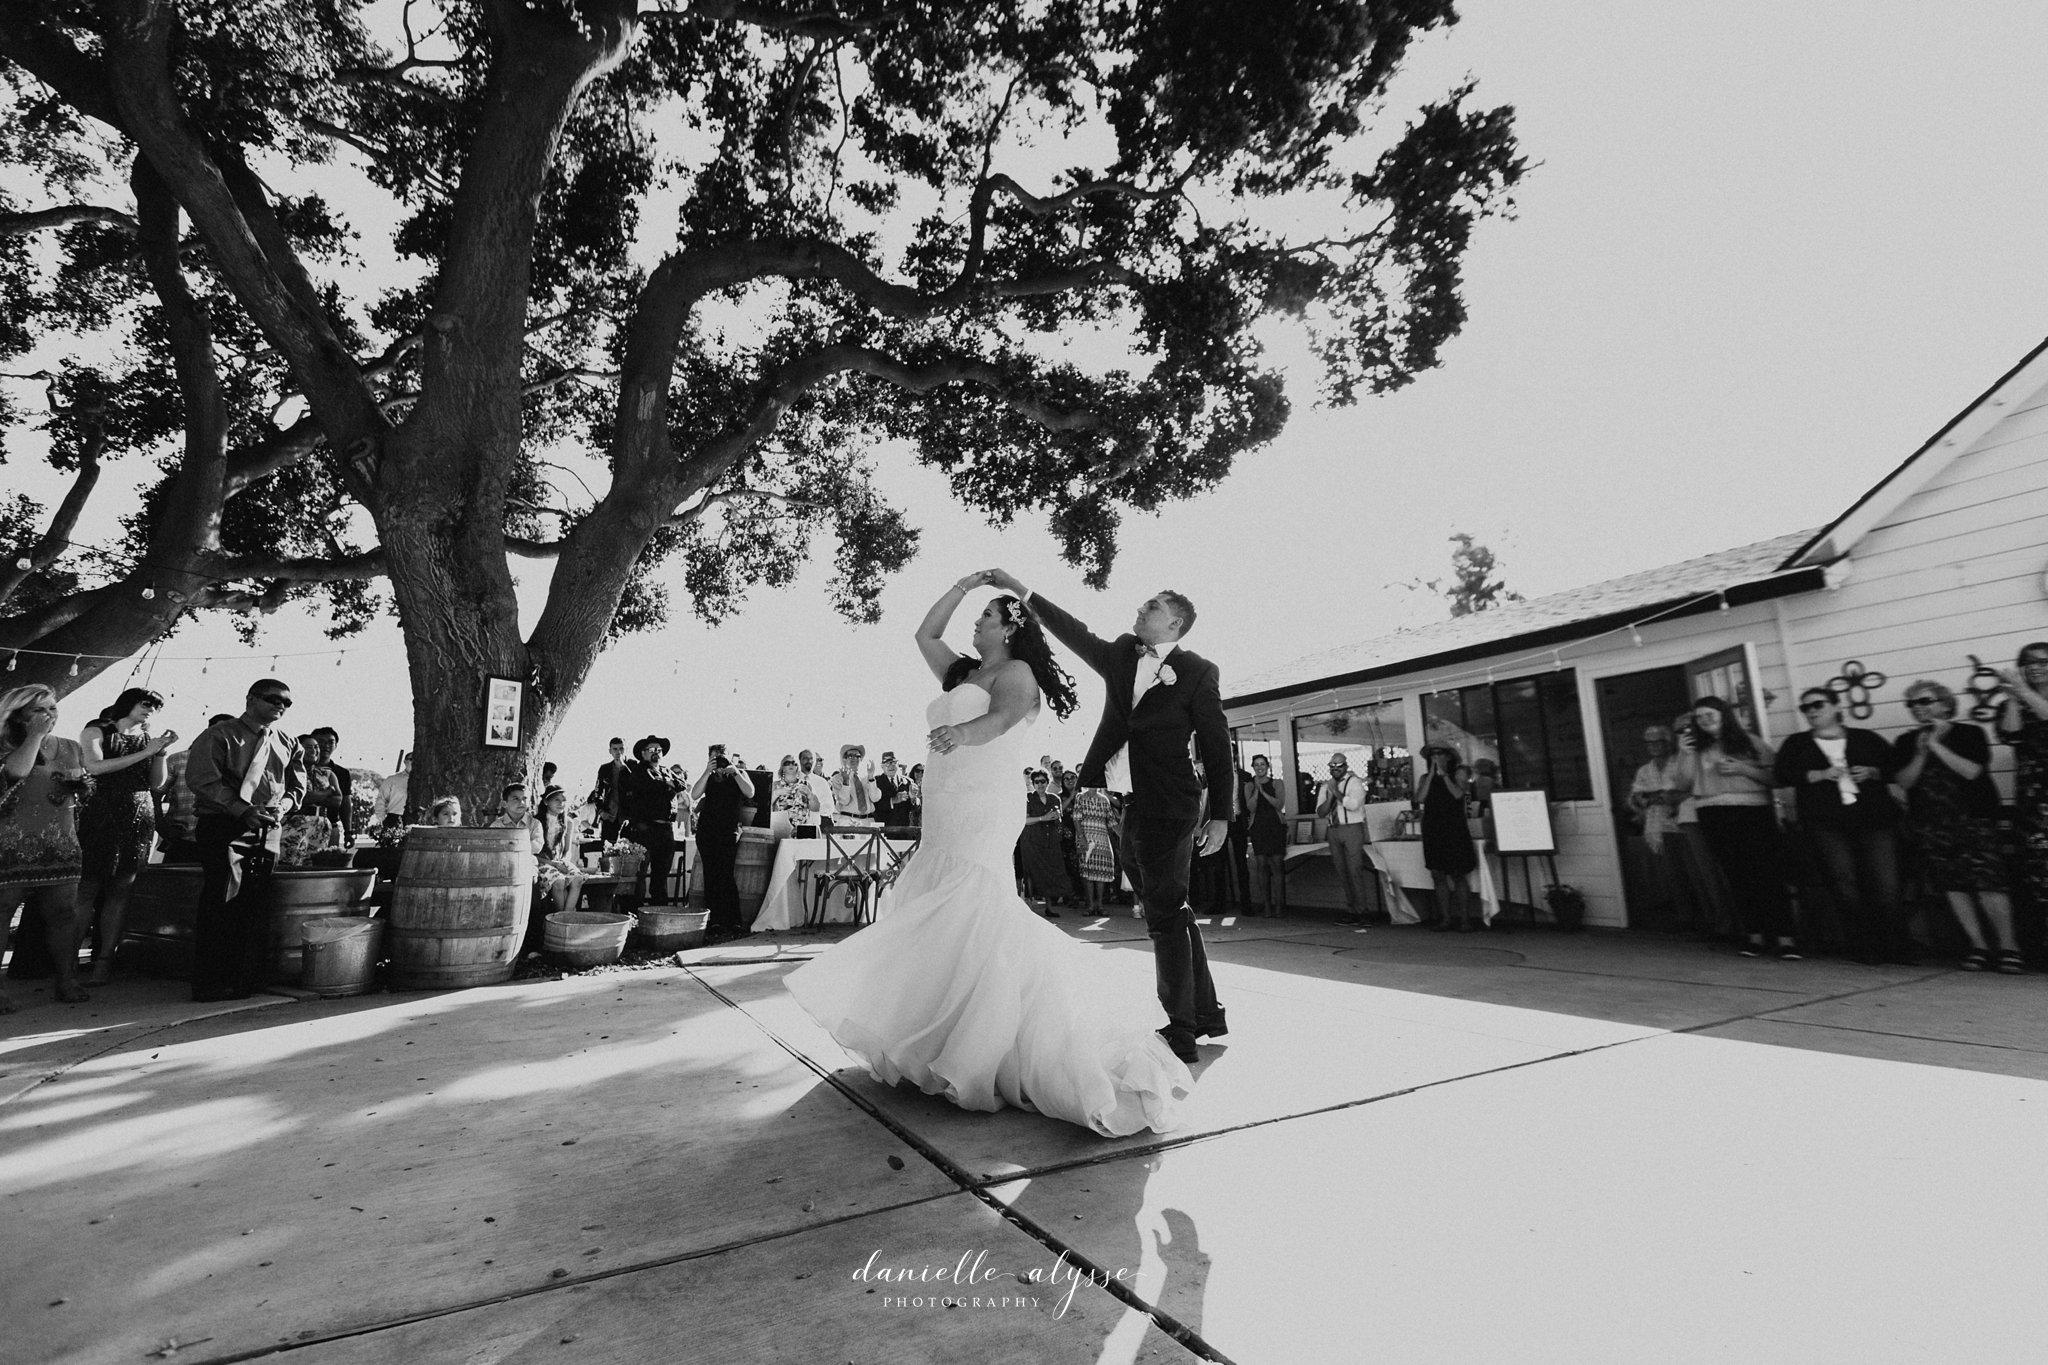 180630_wedding_lily_ryan_mission_soledad_california_danielle_alysse_photography_blog_808_WEB.jpg